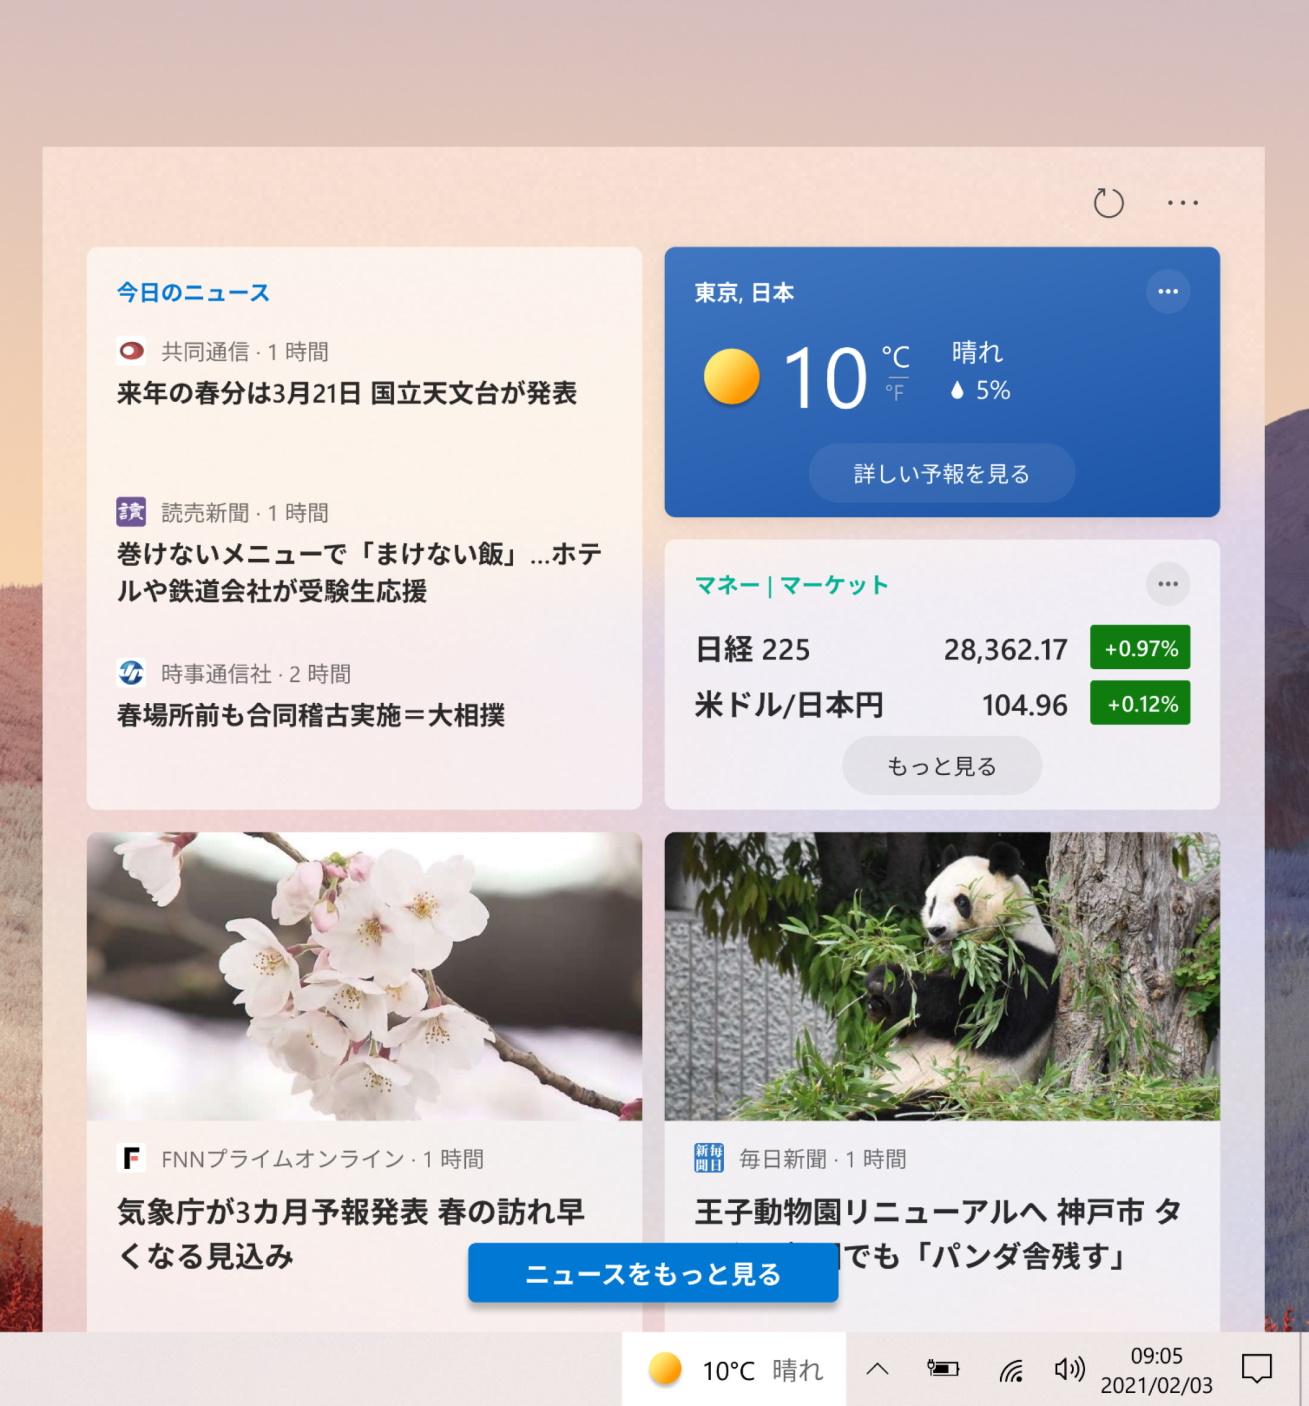 タスクバーのニュース機能が日本語環境にもロールアウト